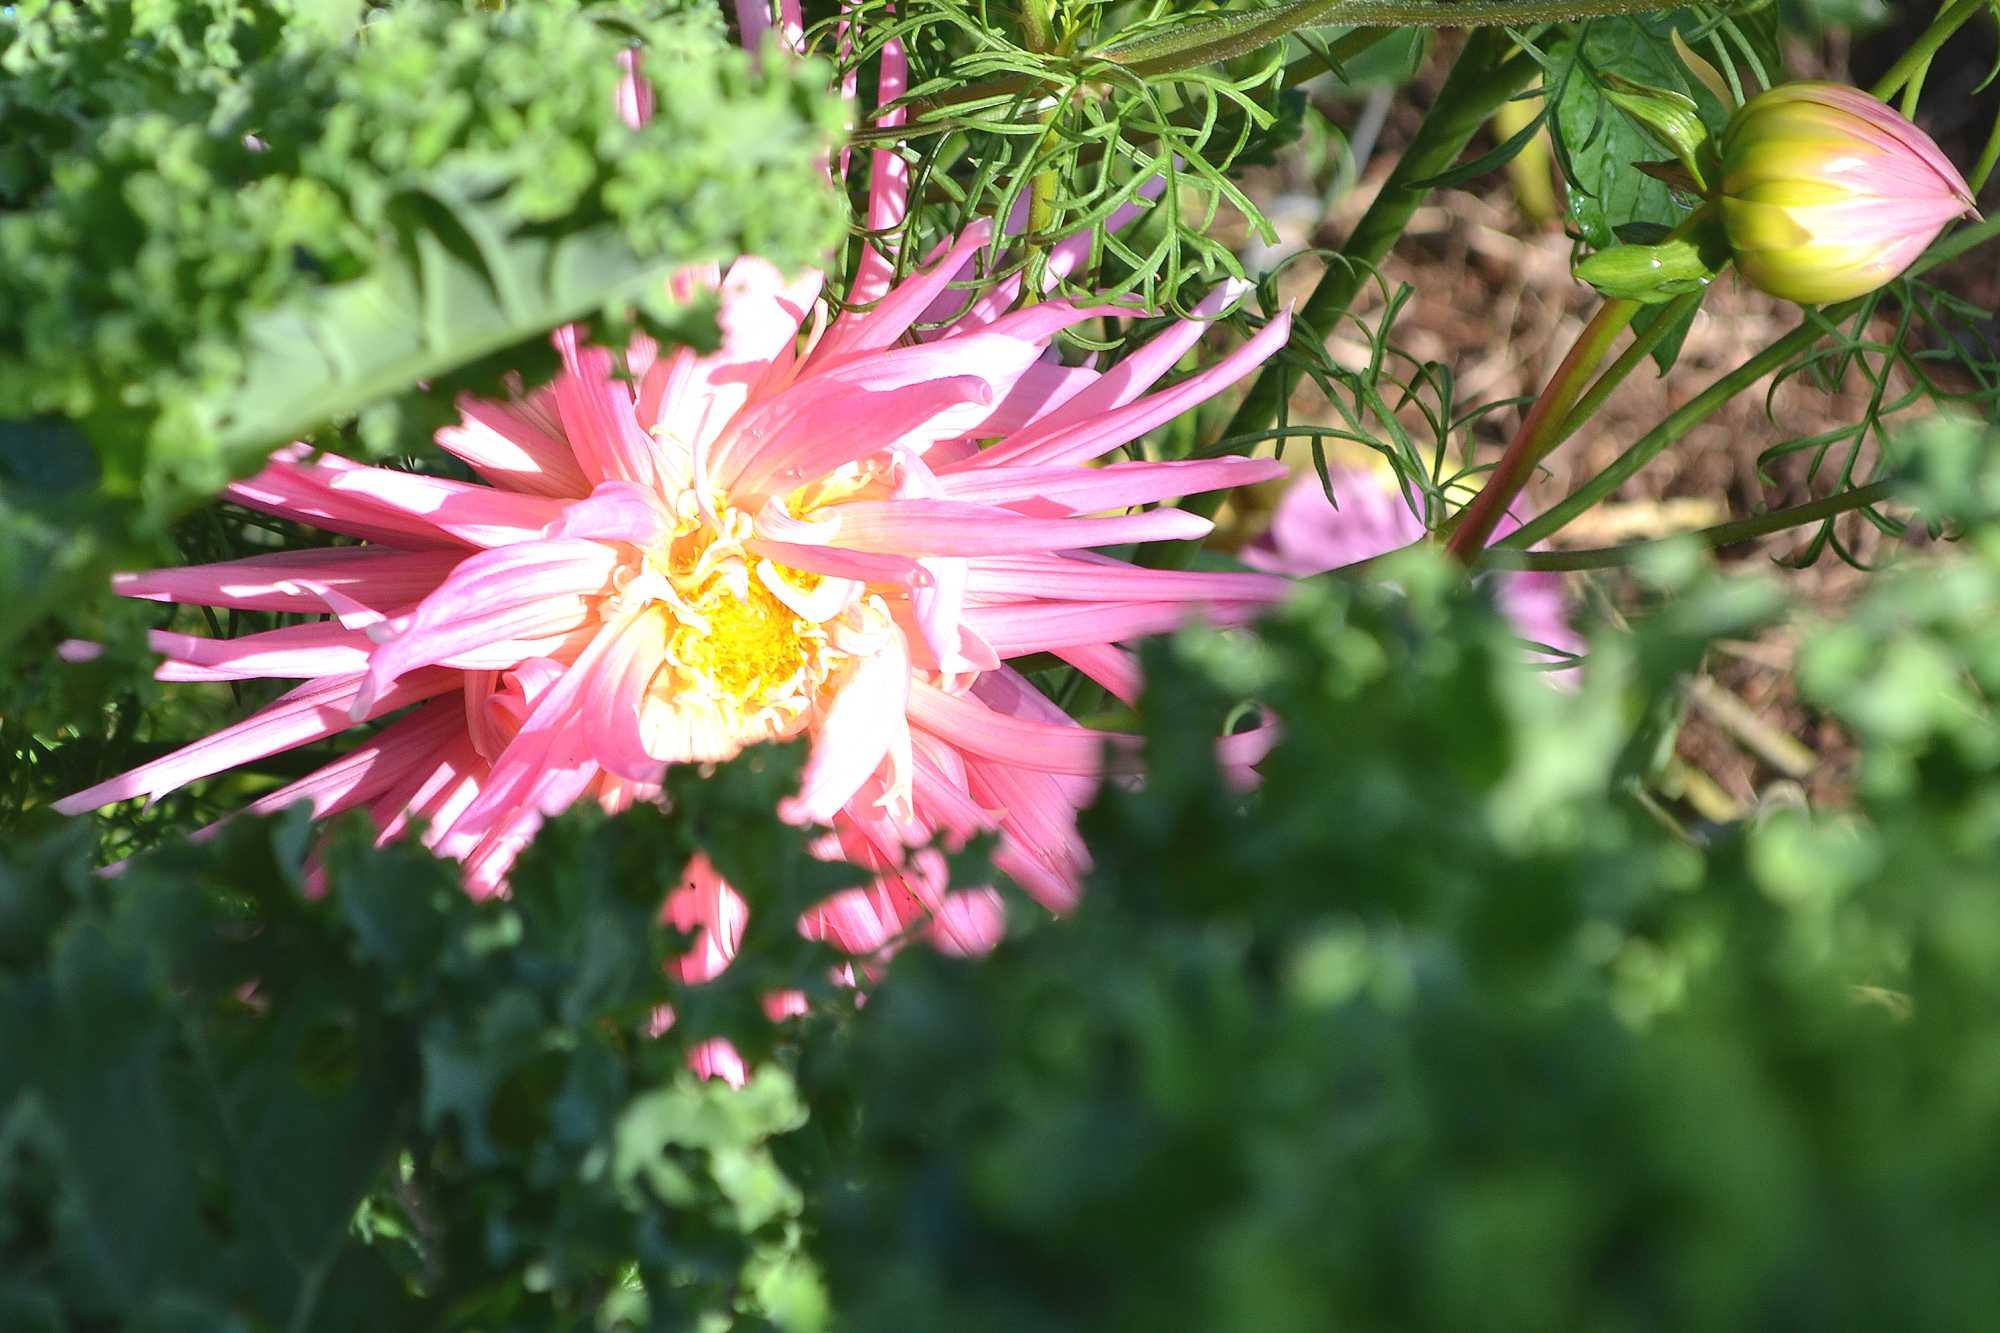 En rosa sommarblomma bland stora grönkålsblad.